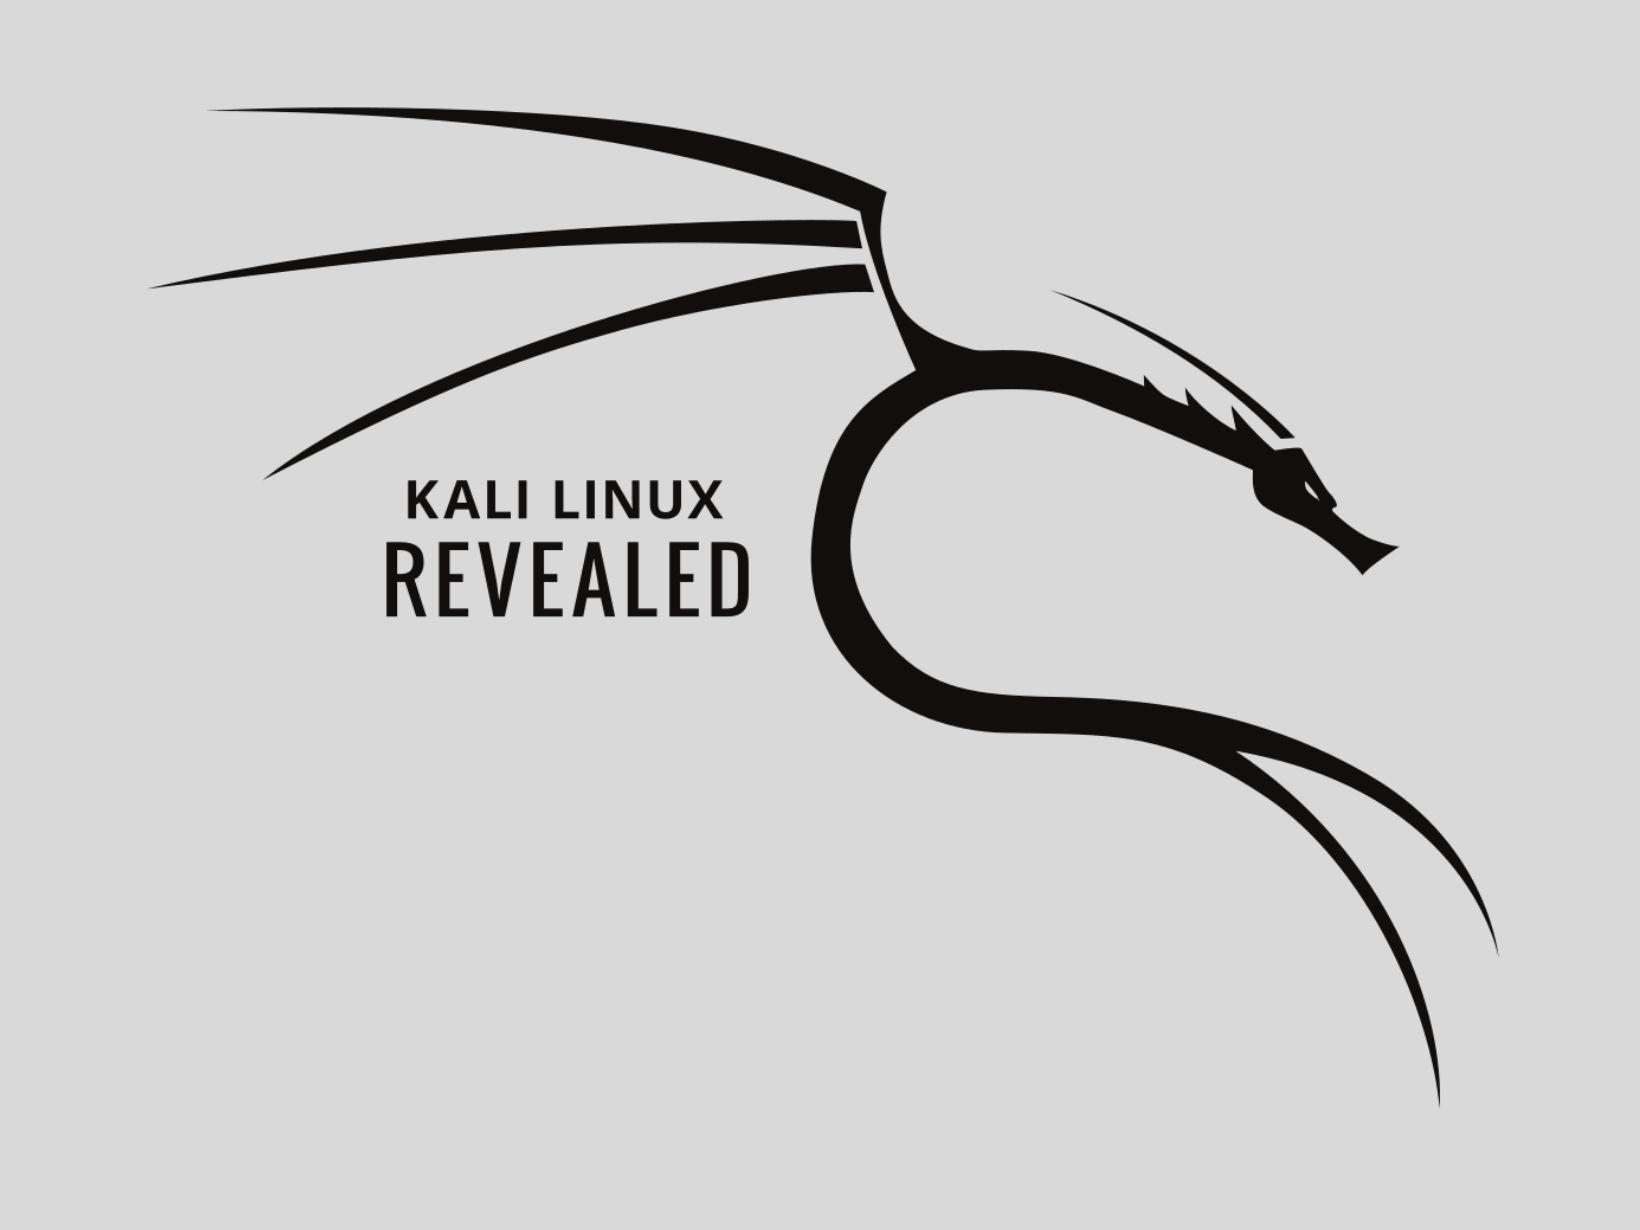 О Кали Линукс: история Kali Linux и связь с Debian